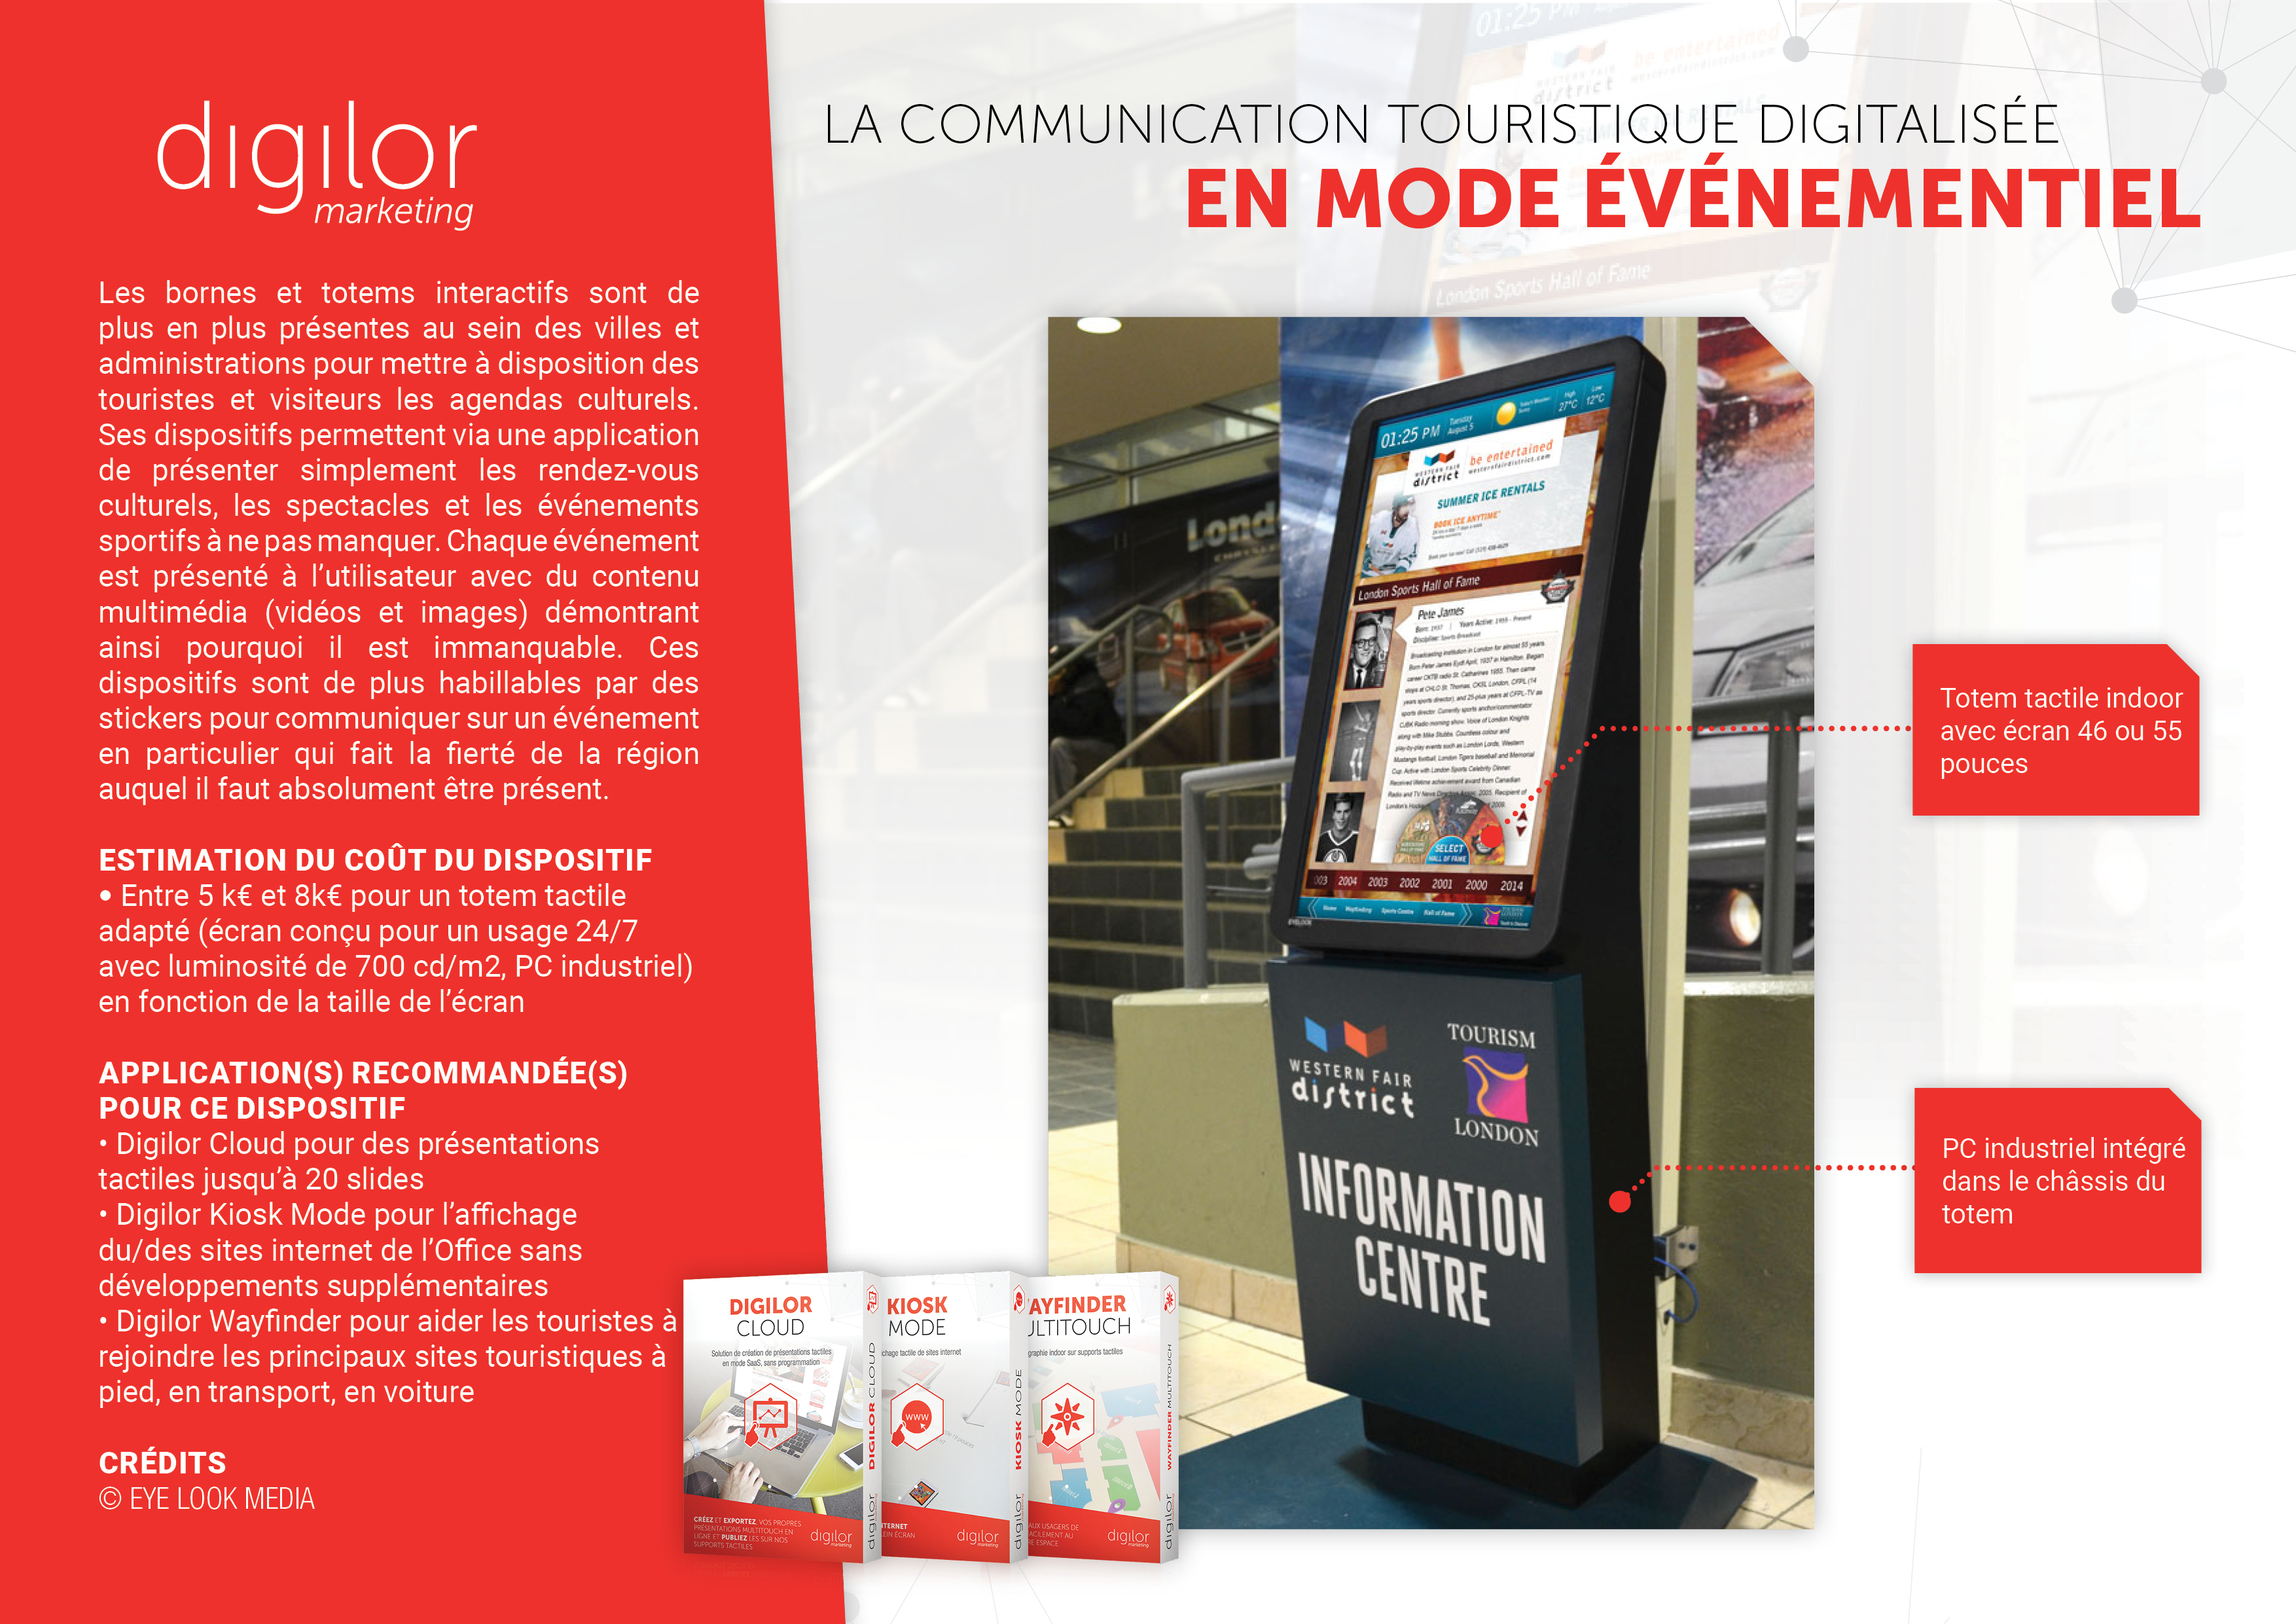 La communication touristique digitalisée en mode événementiel